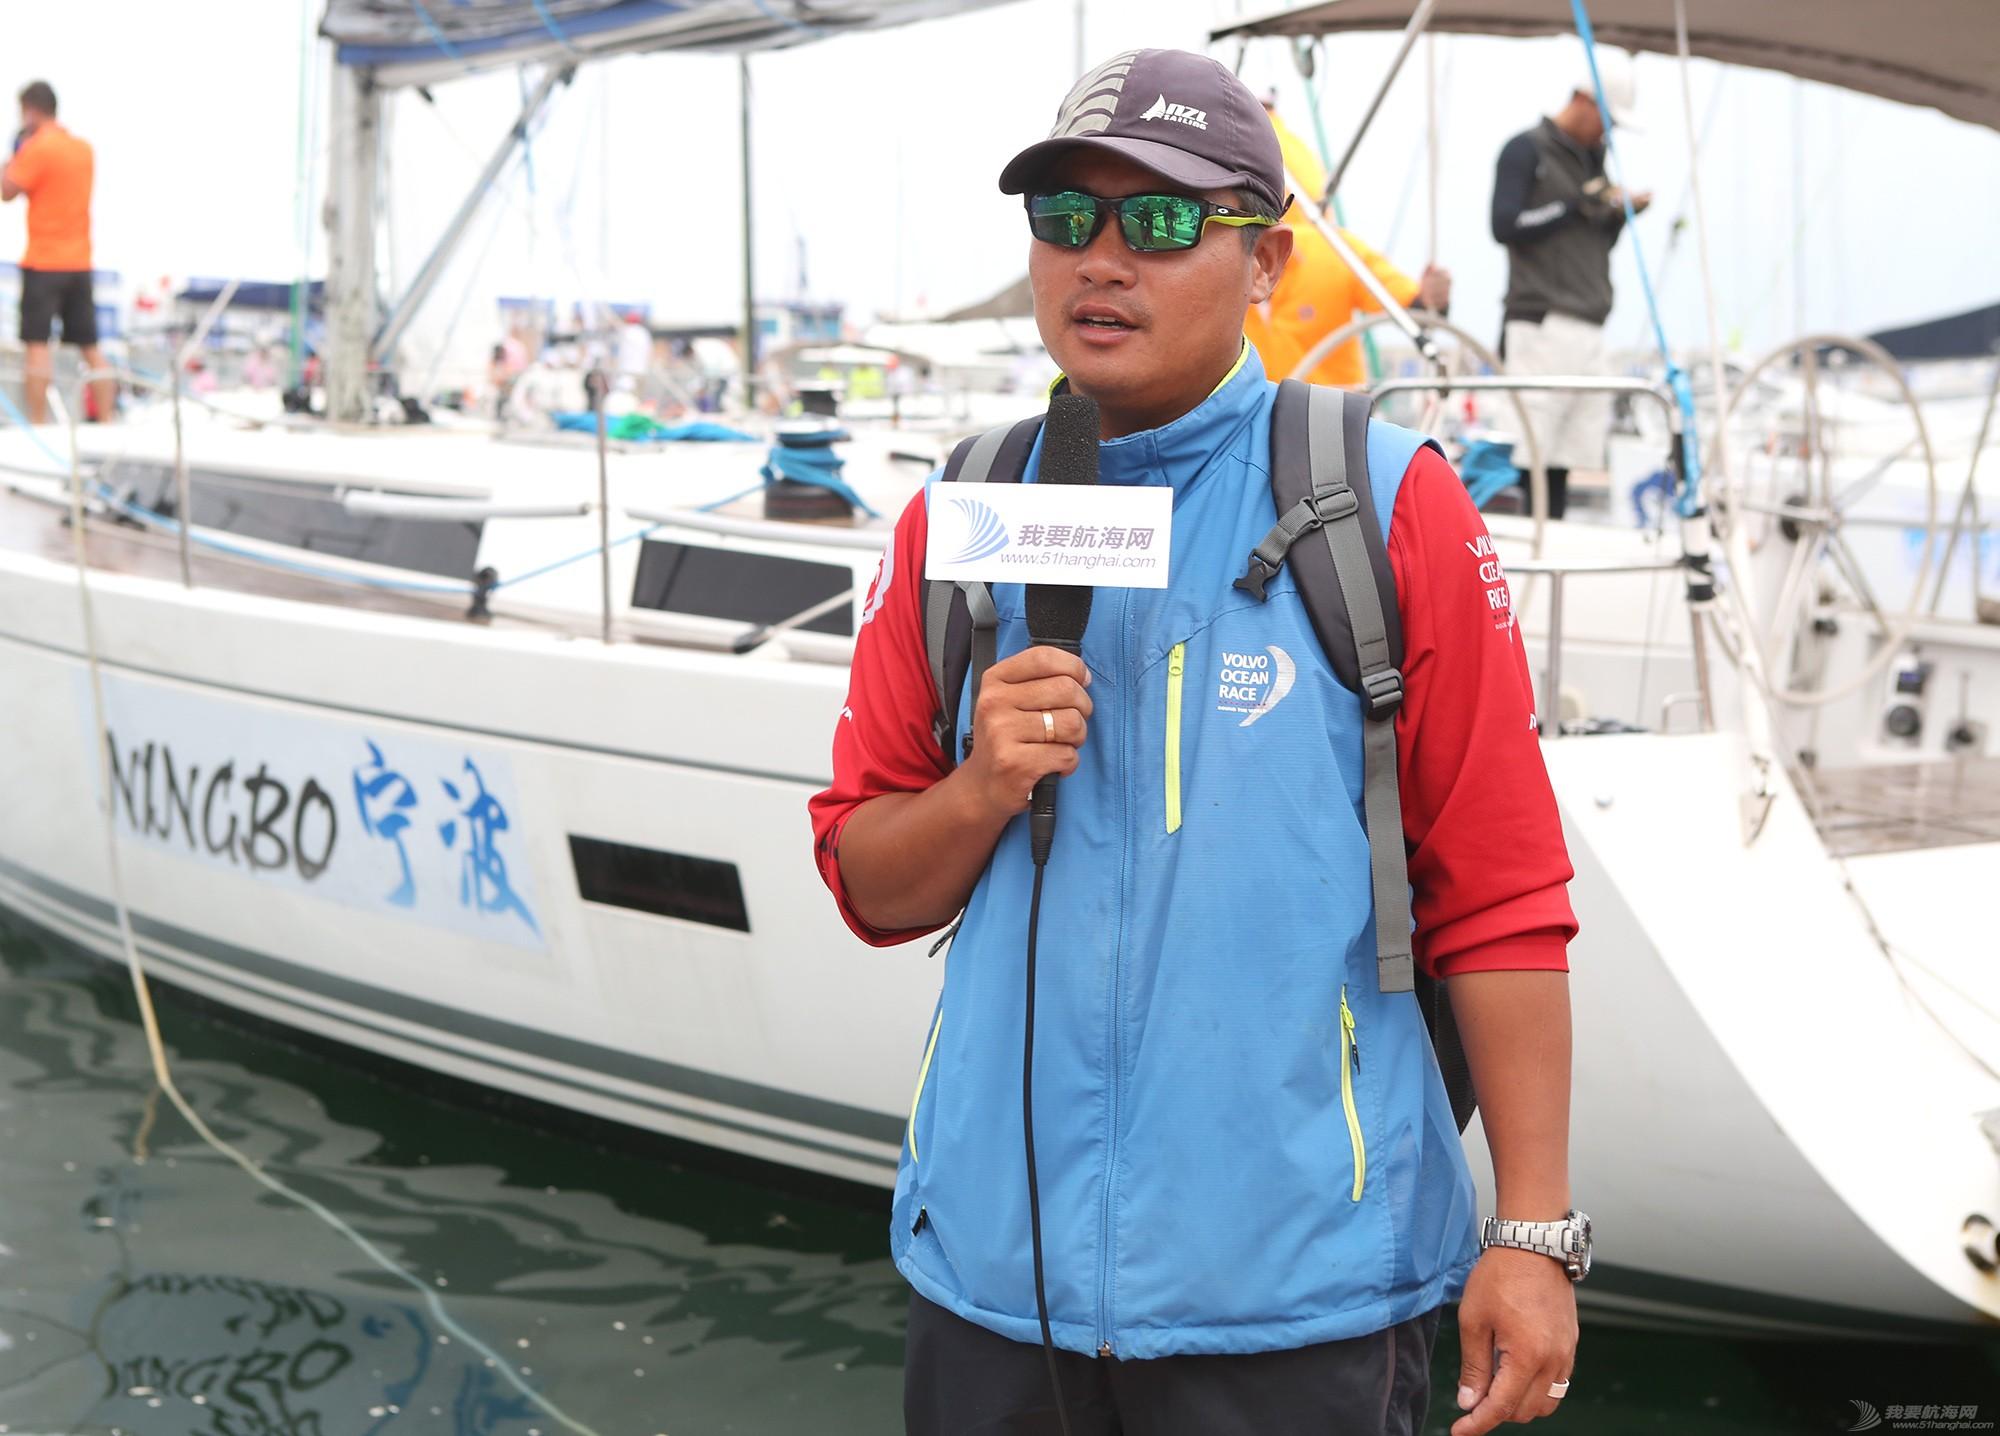 中国 我要航海网采访宋坤、徐京坤、翁少瑛等参加中国杯的船长、船员 (视频) 5V8A6597.JPG